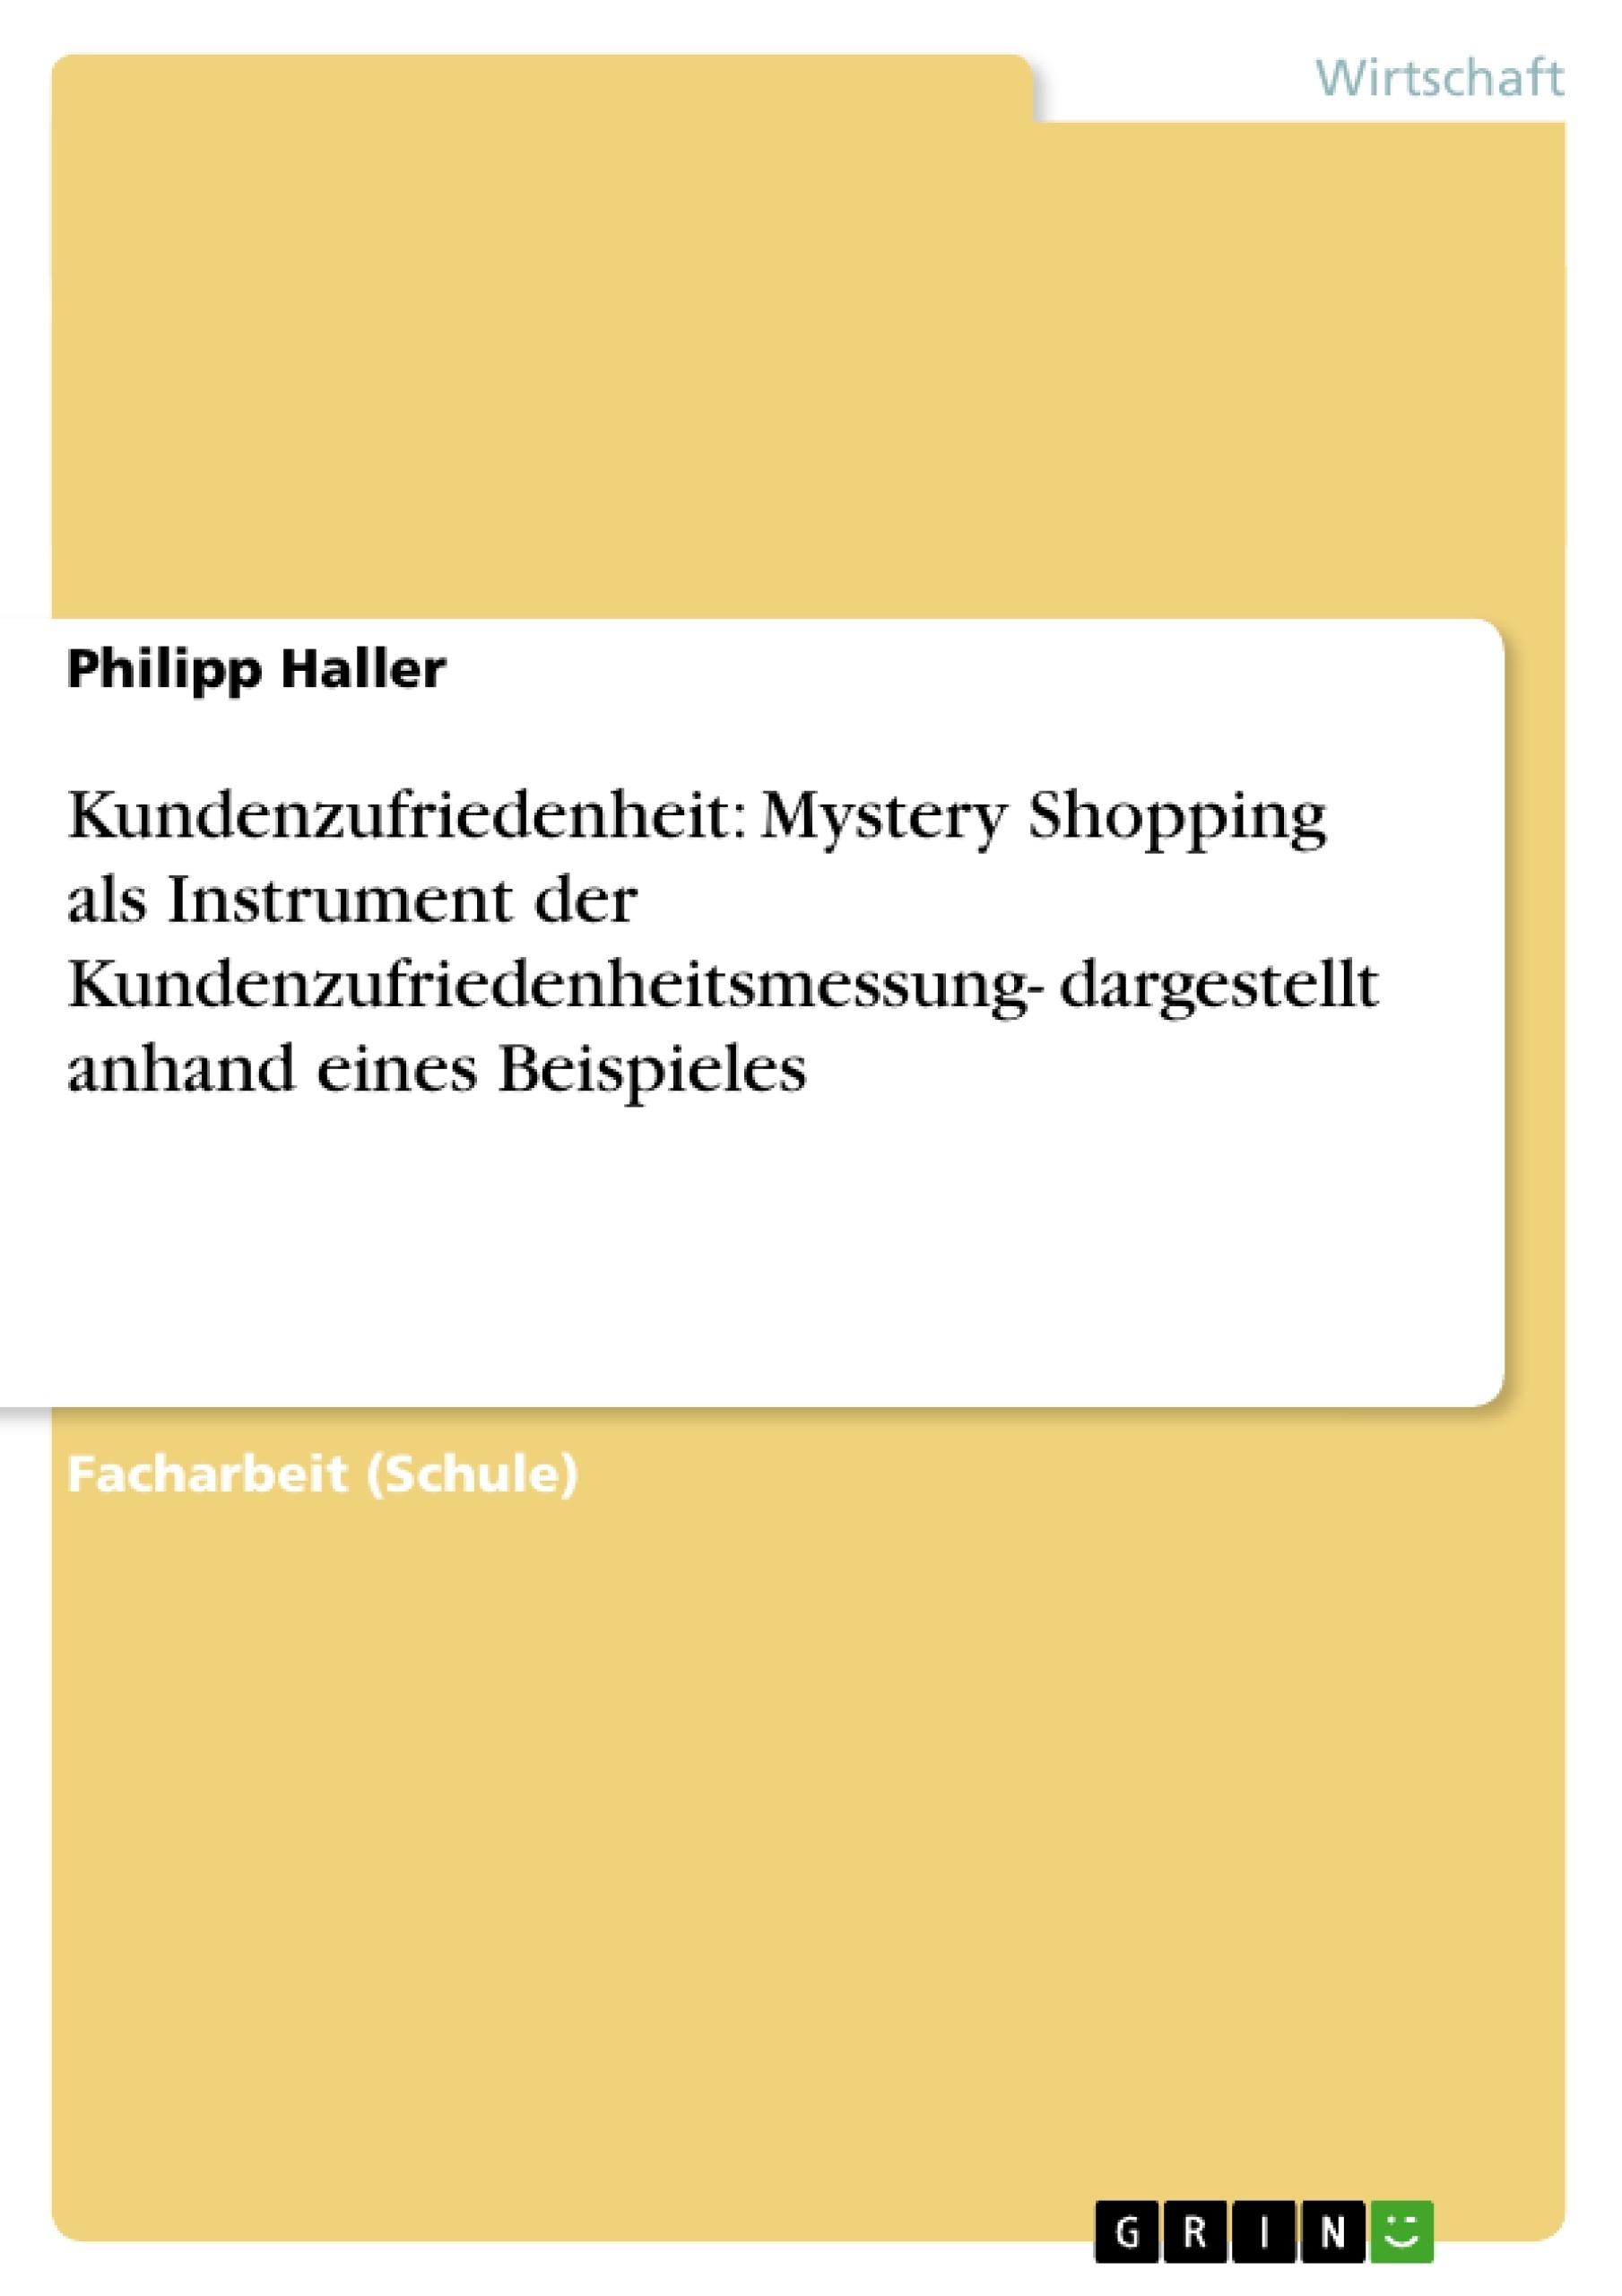 Titel: Kundenzufriedenheit: Mystery Shopping als Instrument der Kundenzufriedenheitsmessung- dargestellt anhand eines Beispieles